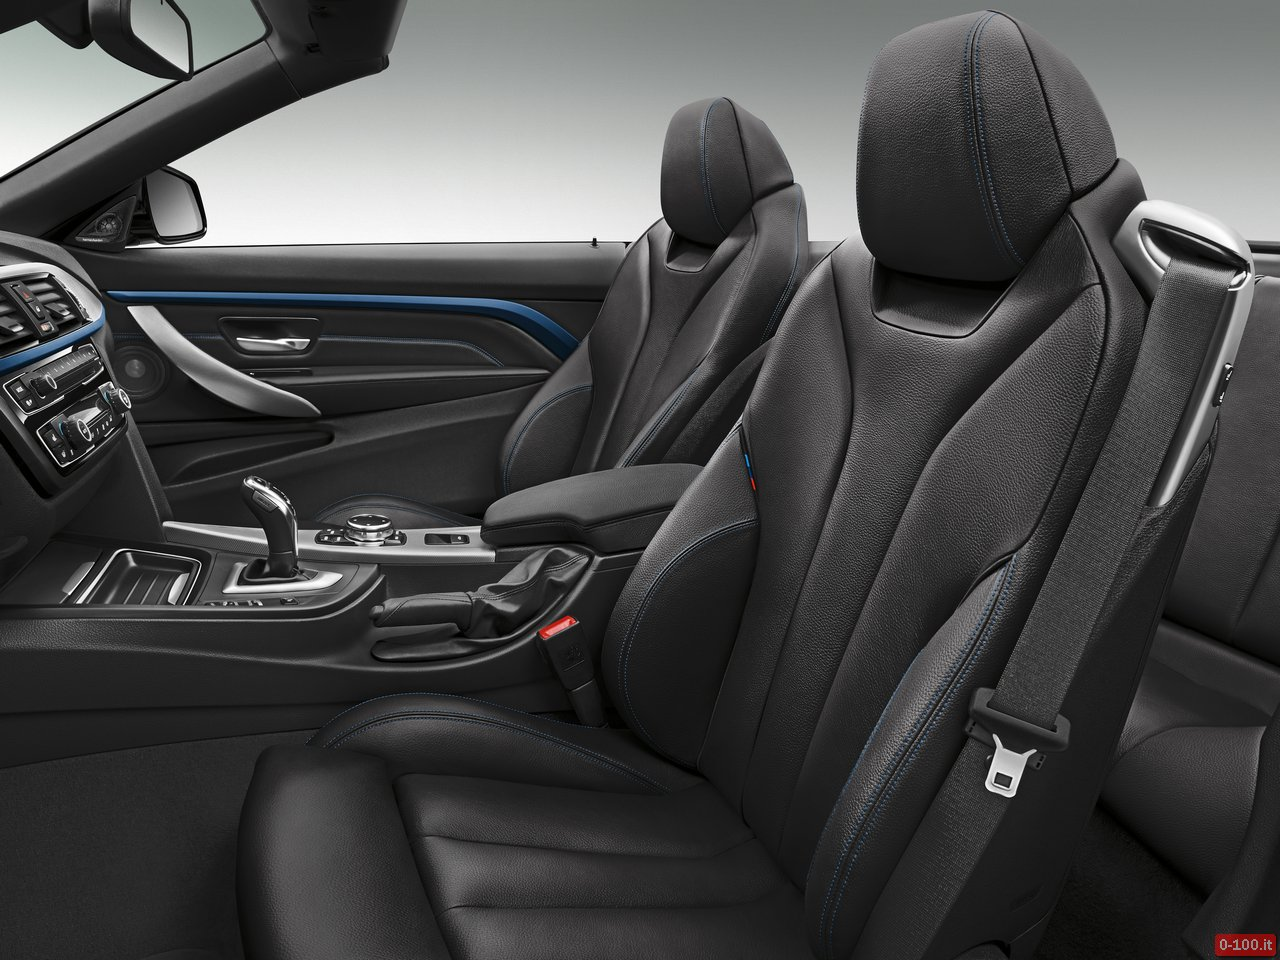 BMW-serie-4-cabrio-420d-428i-435i-cabrio_82